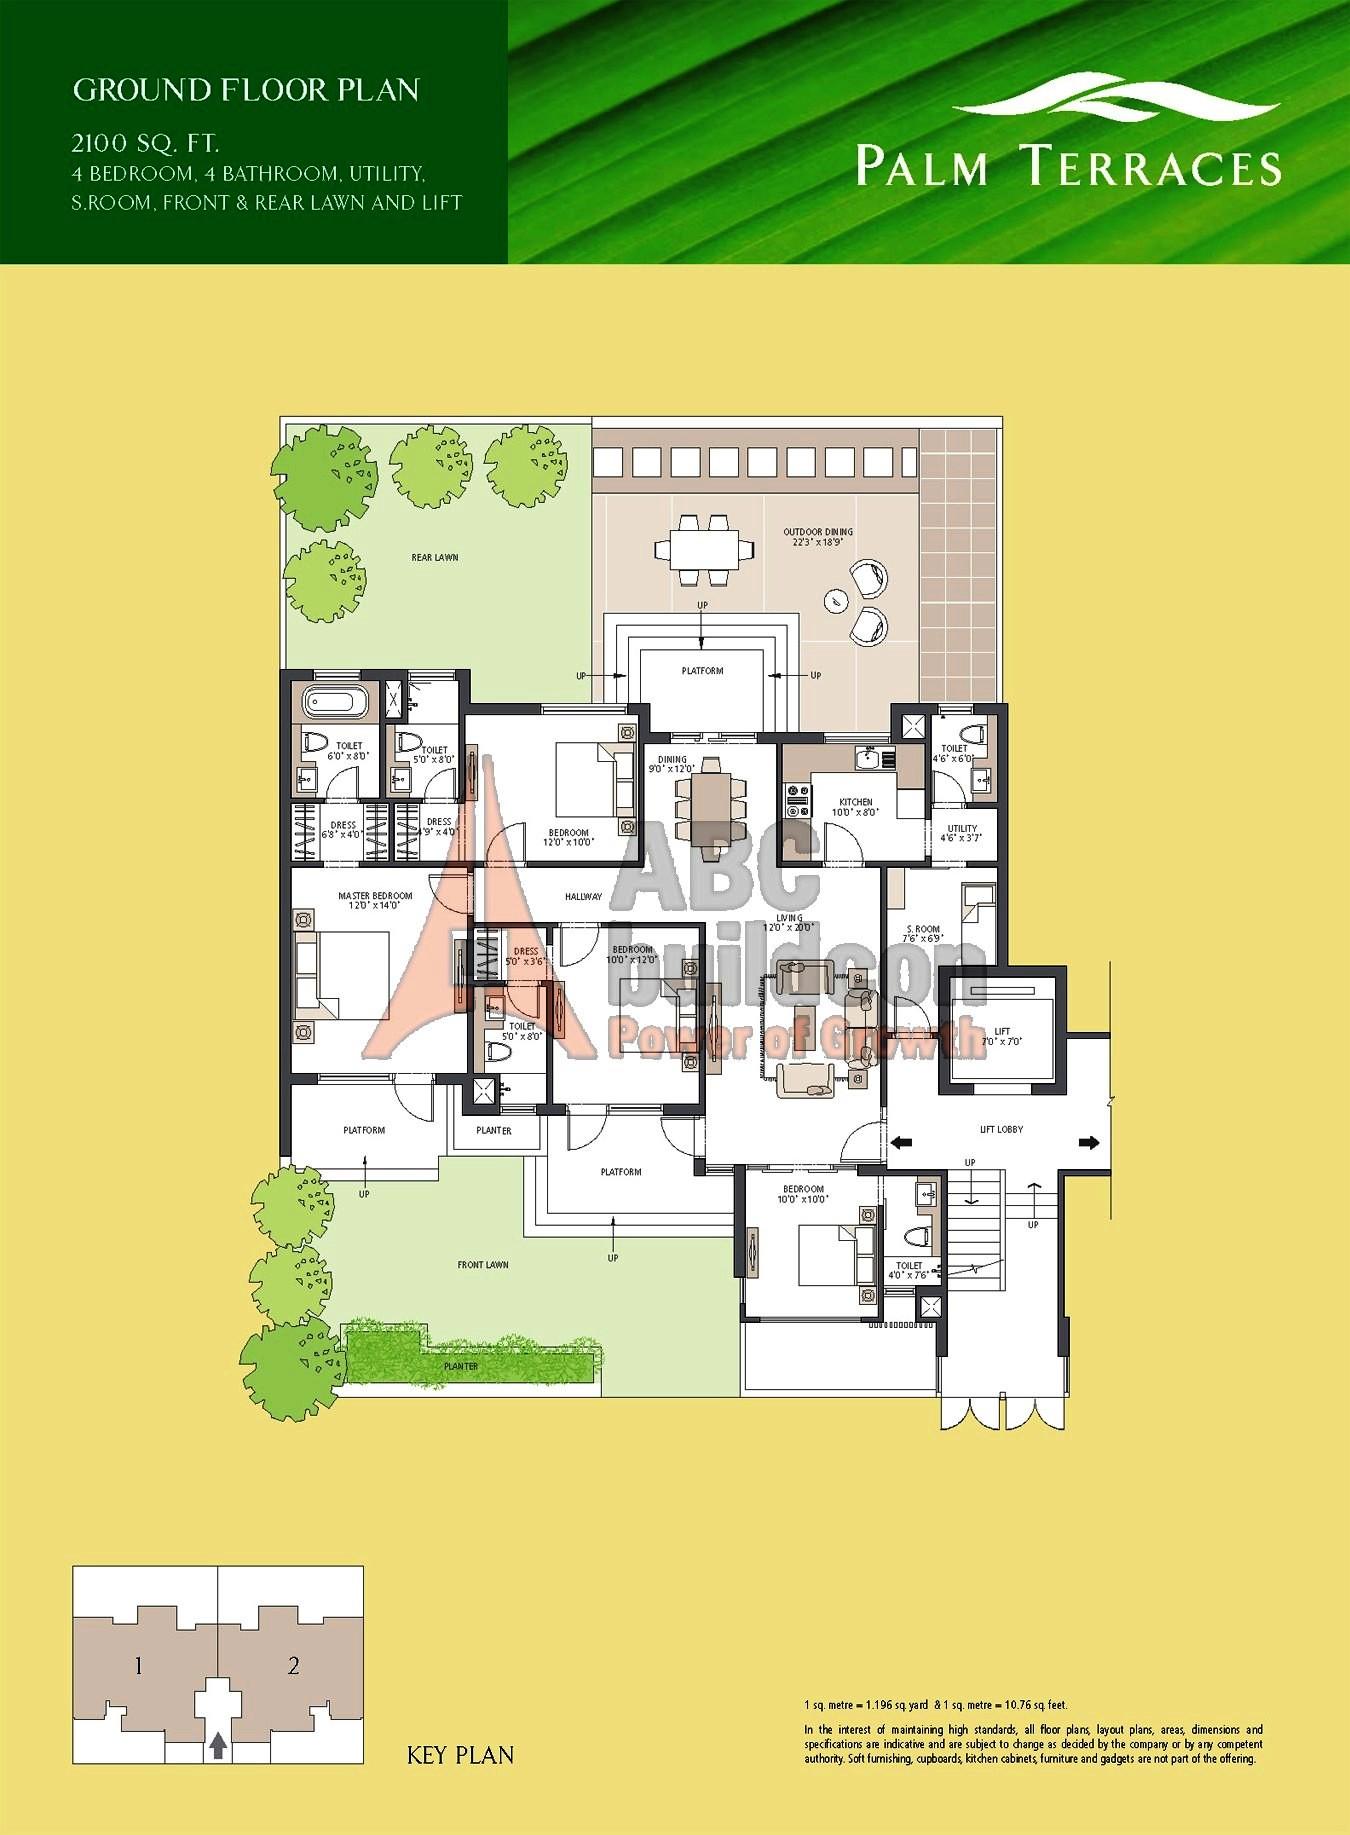 Emaar Mgf Palm Terraces Floor Plan Floorplan In